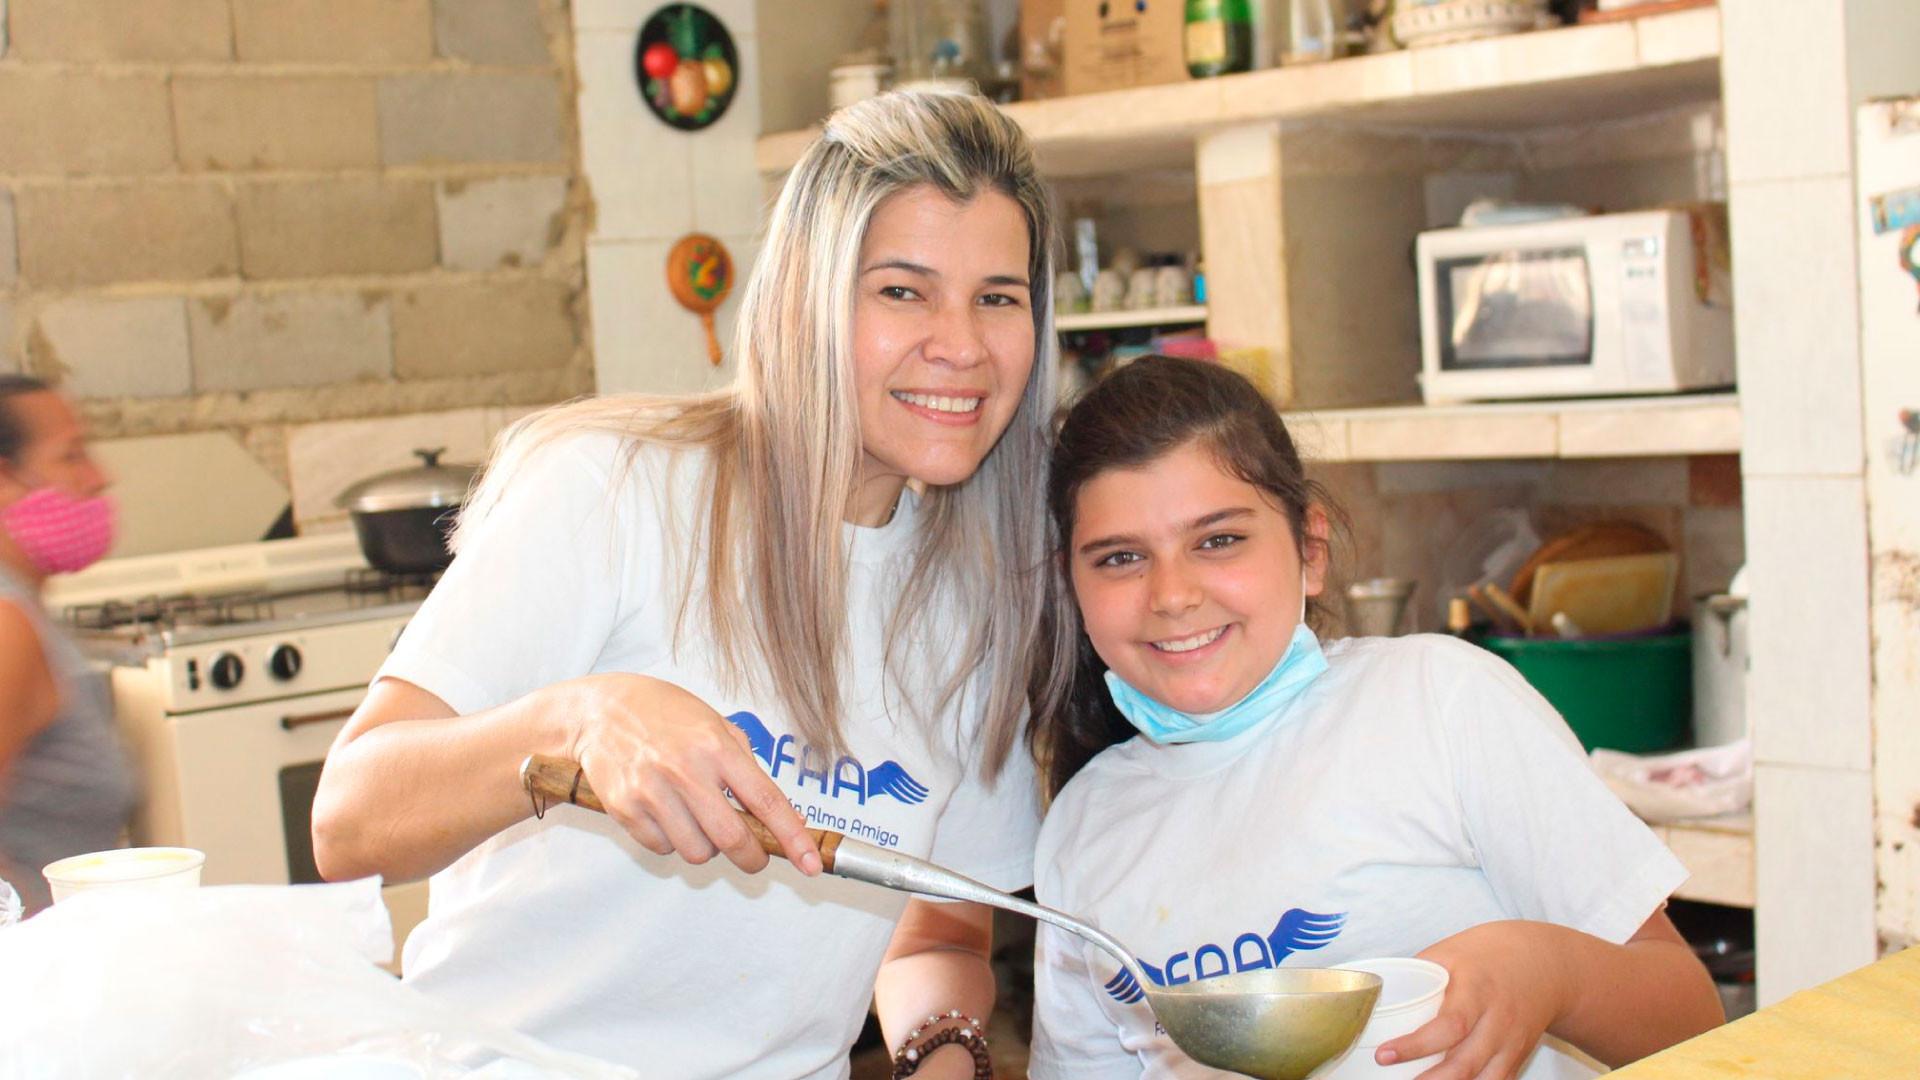 Fundacion Alma AMiga - 10 maneras de brindar una mano amiga a la comunidad durante la pandemia